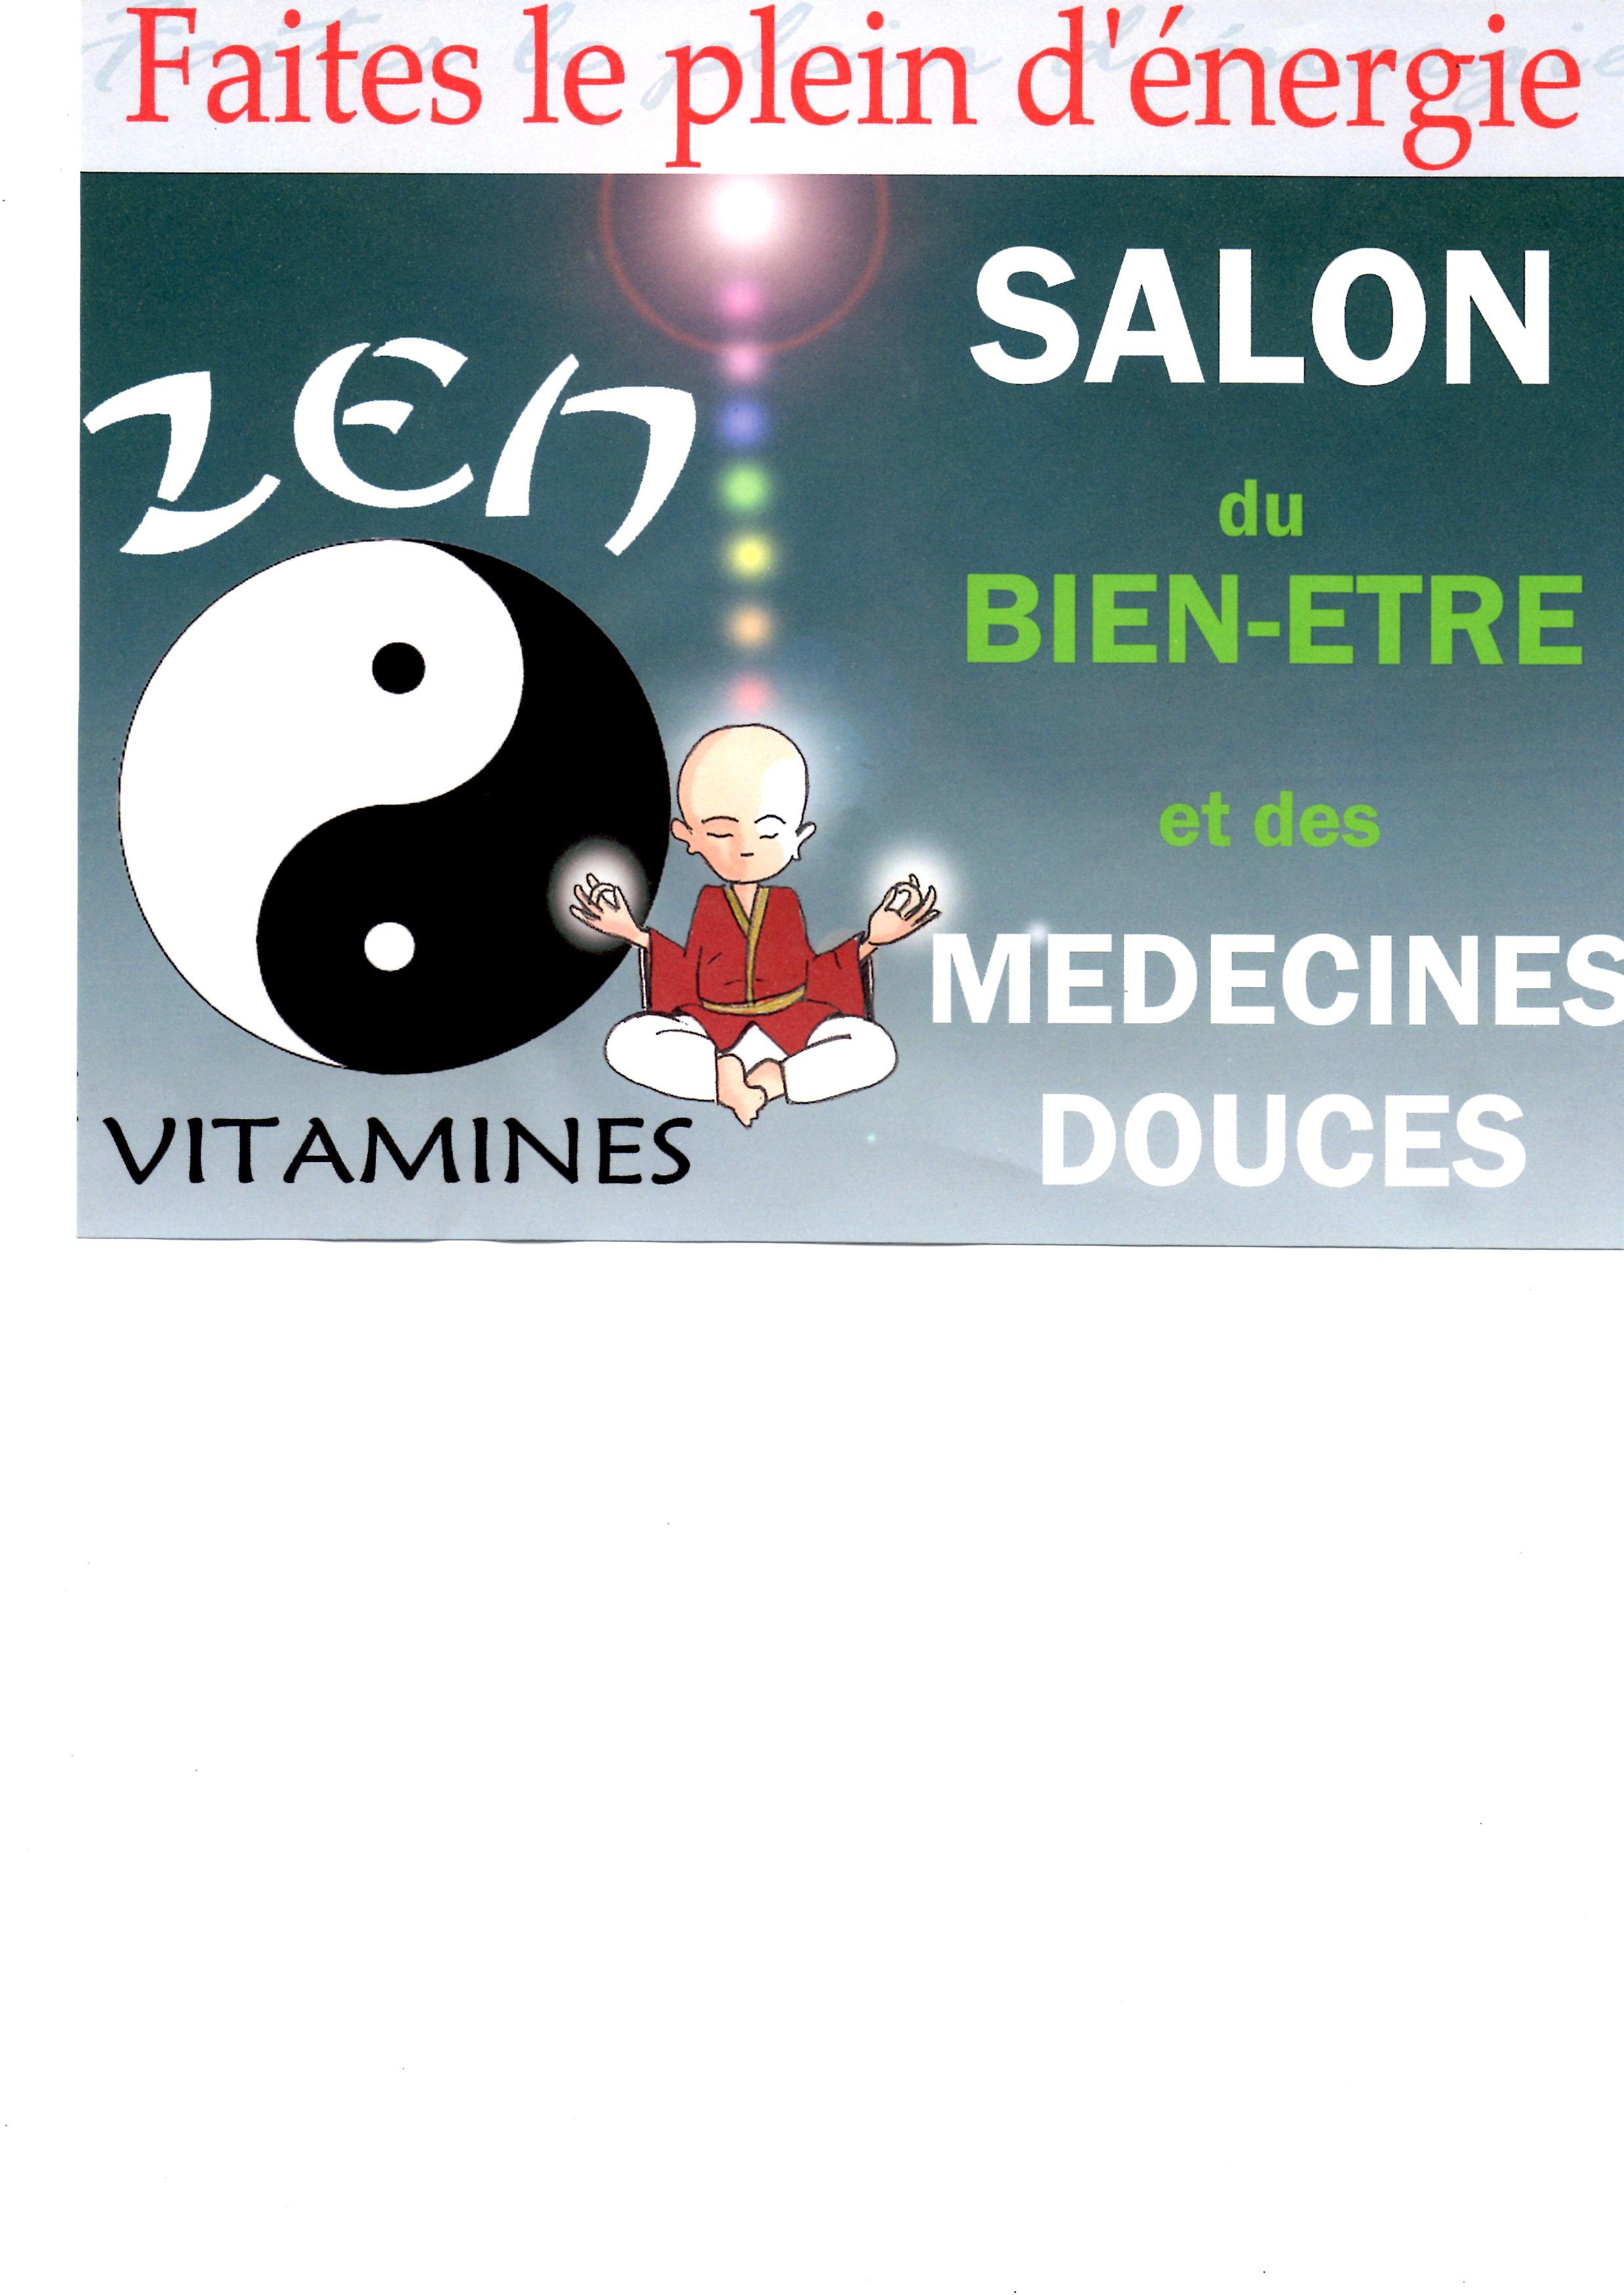 Salon bien etre medecines zen vitamines petites annonces th rapies int gratives et - Forum salon de massage paris ...